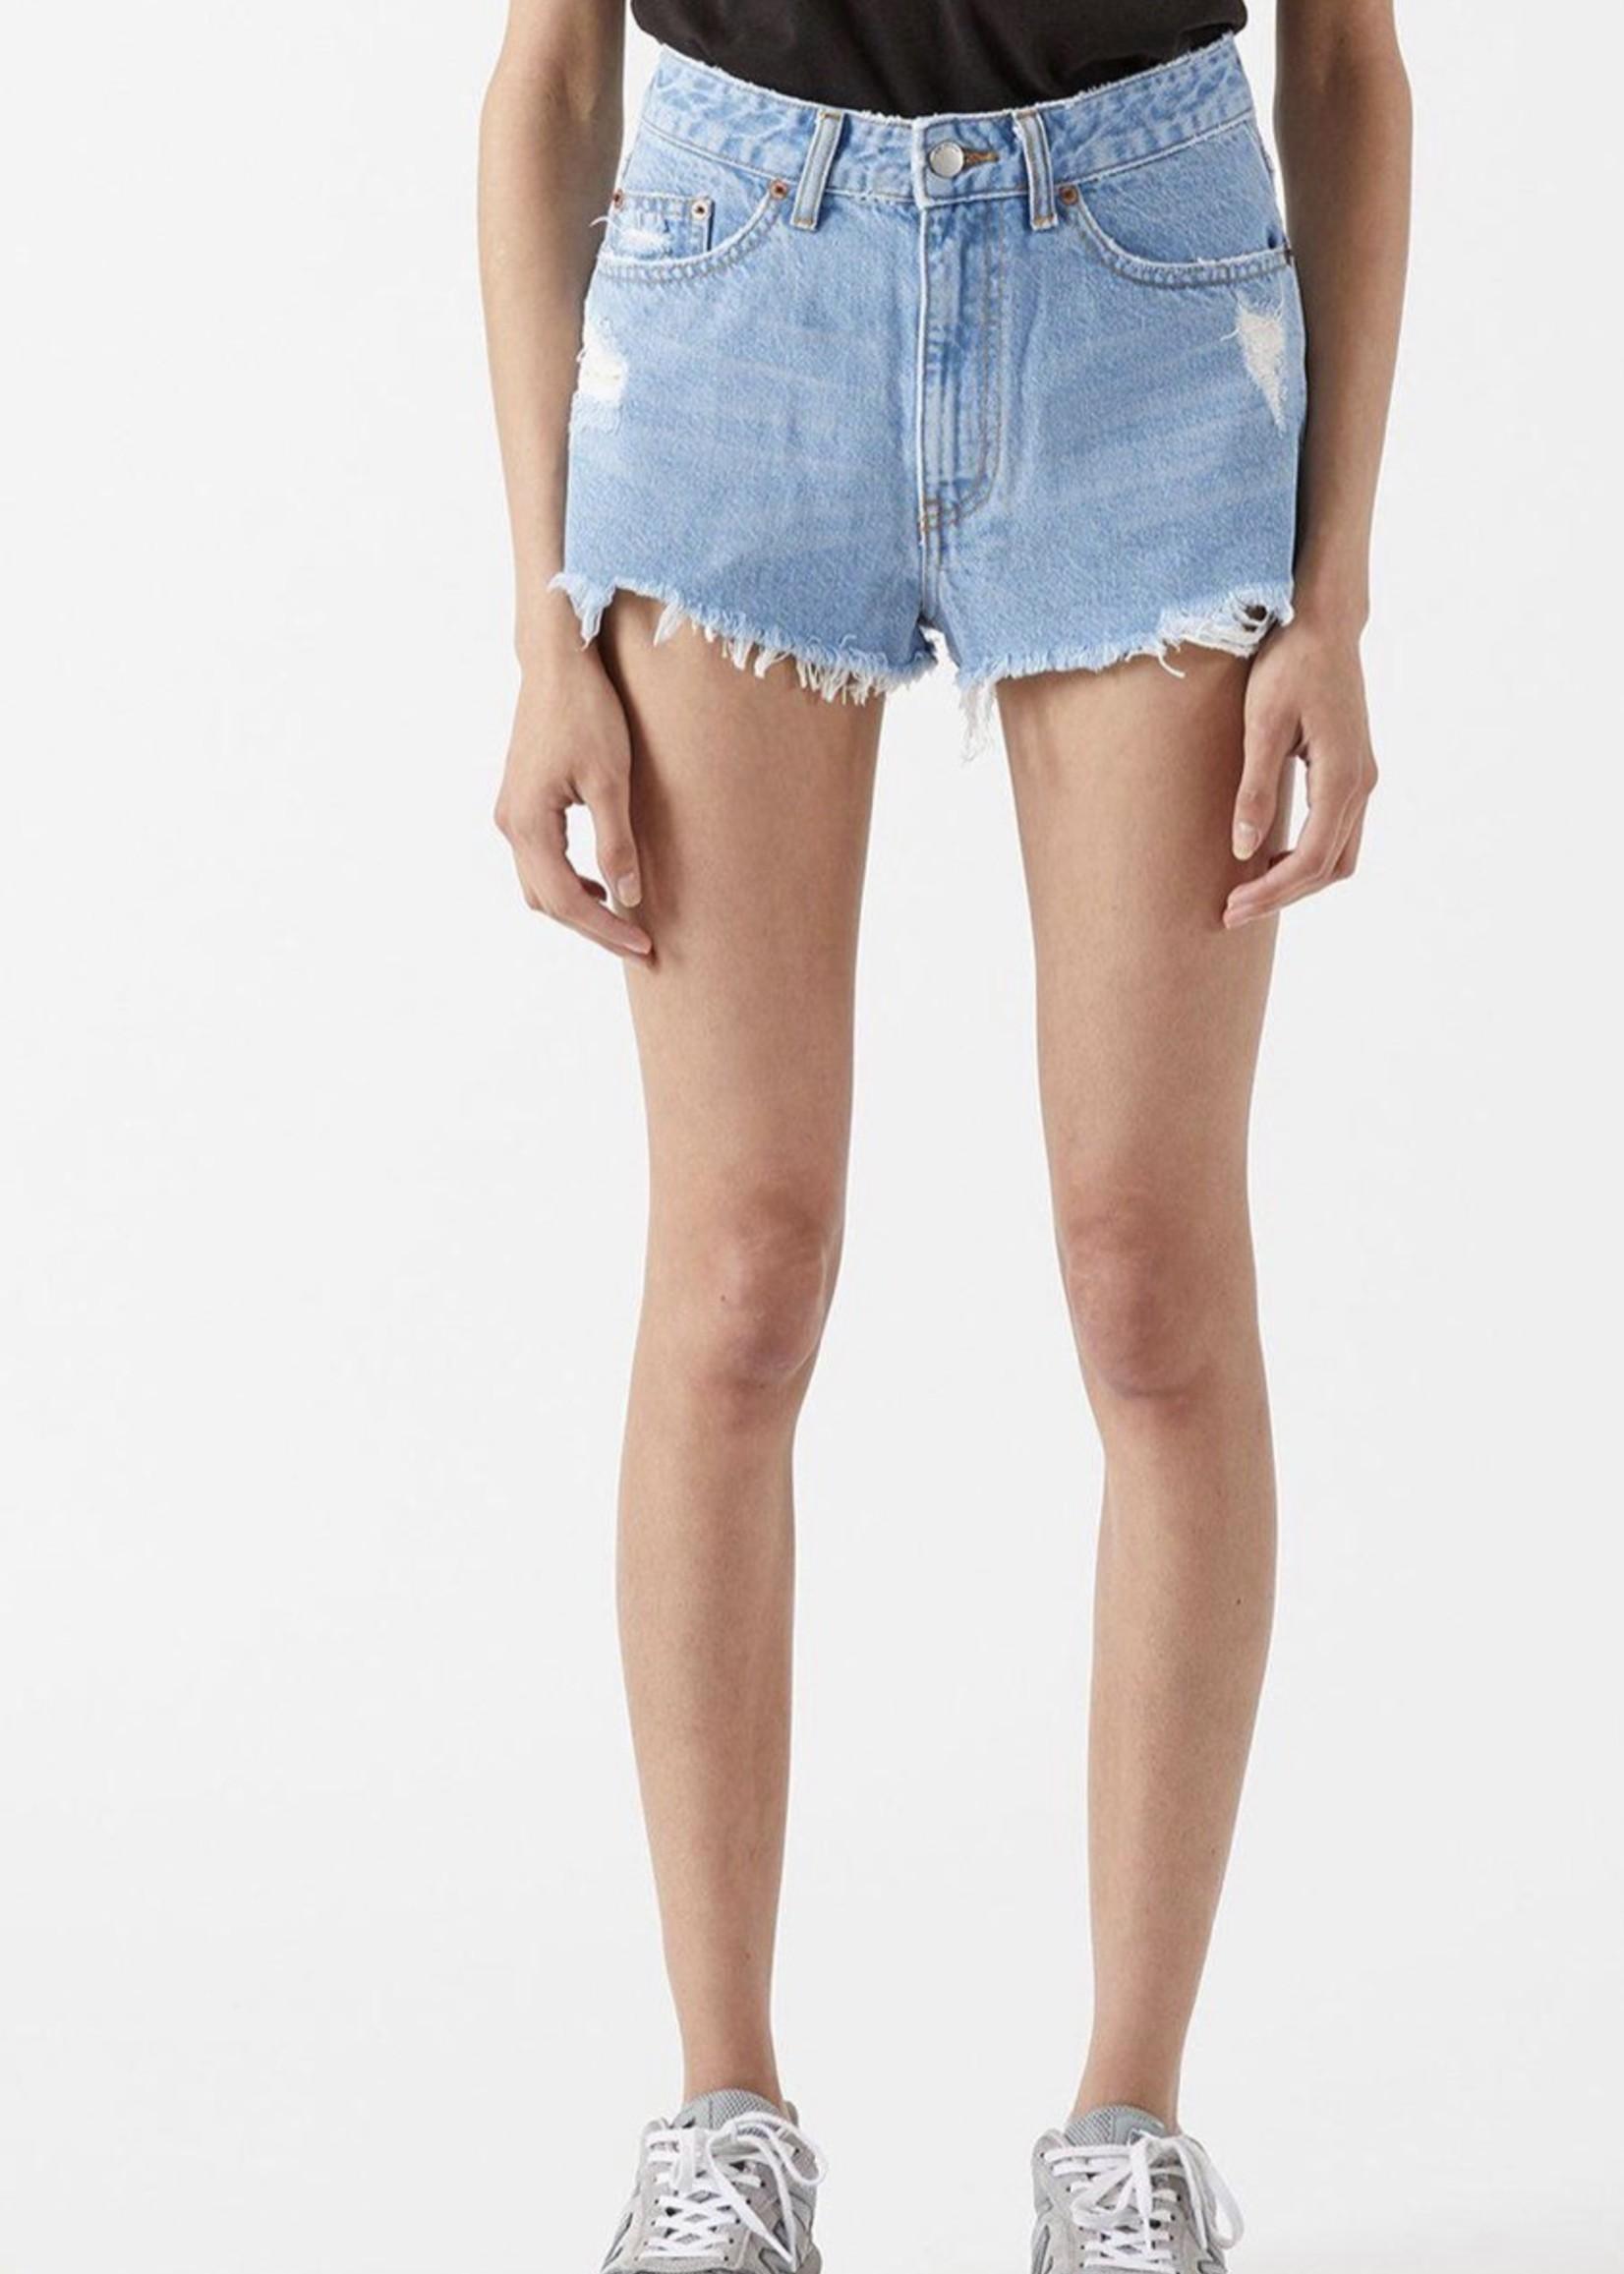 DR DENIM SKYE denim shorts